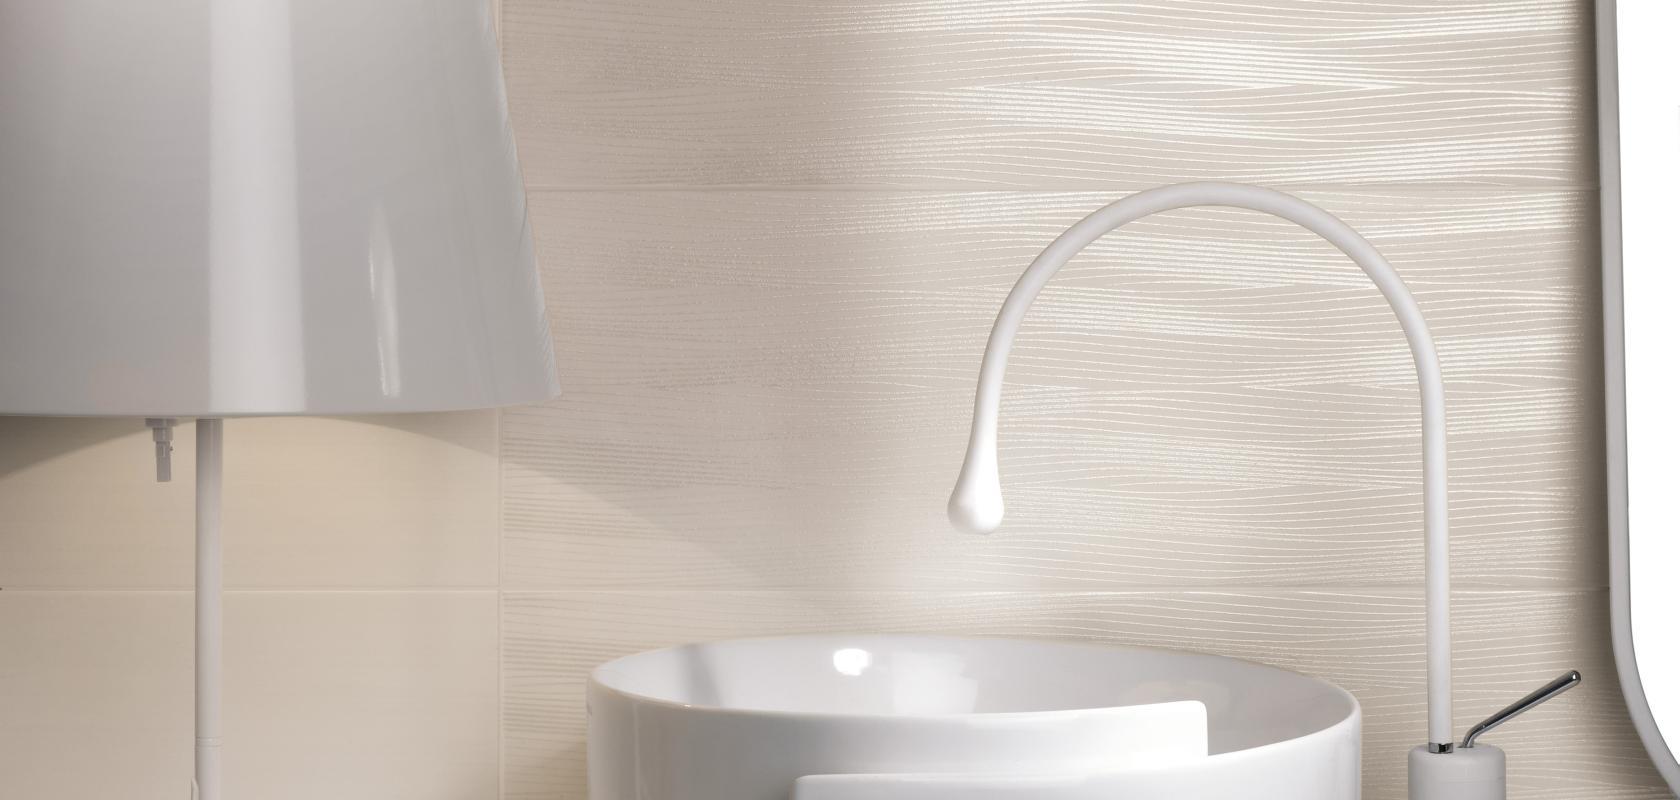 Piastrelle bagno texture bianche la versatile e completa for Piastrelle bianche adesive